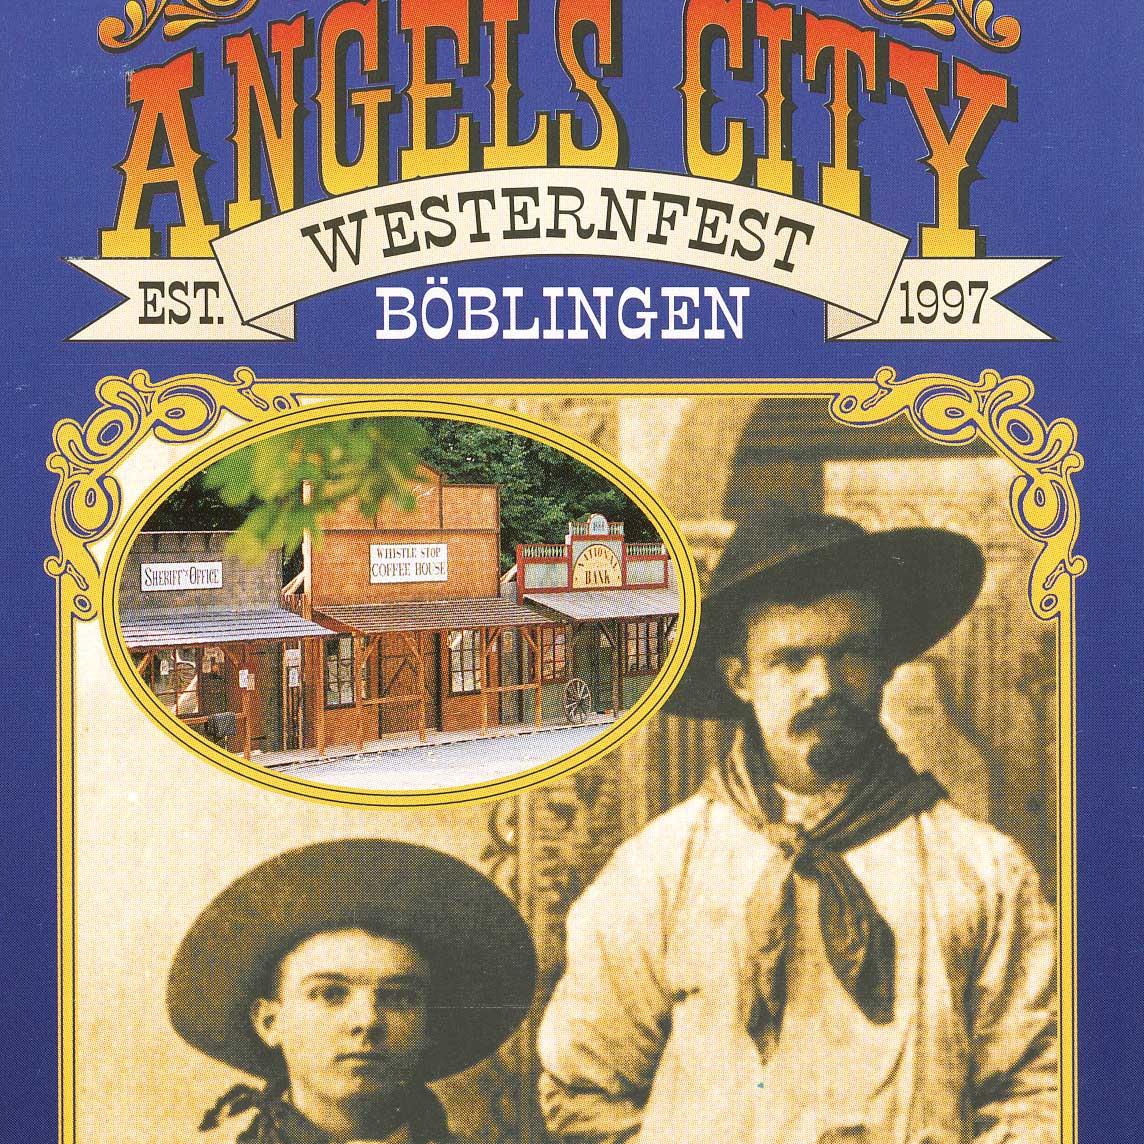 Public Event mit Westernstadt Angels City: Der Flyer